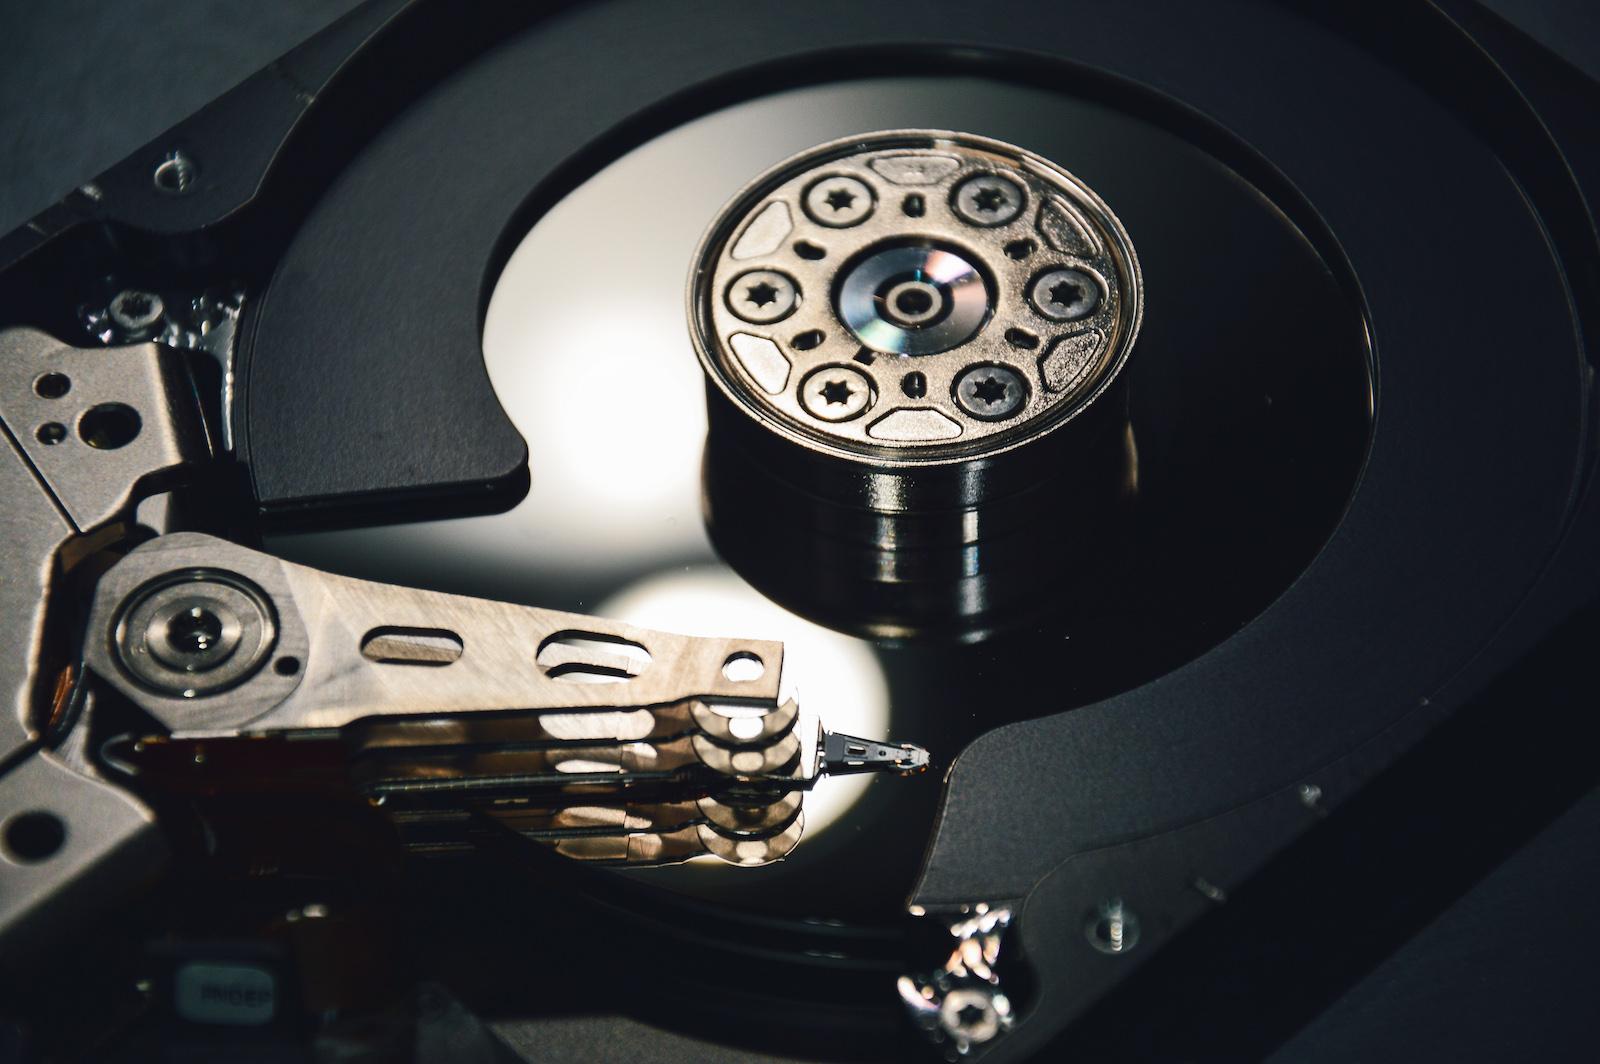 Raspberry Pi: Vergleich Owncloud vs Seafile vs BitTorrent Sync